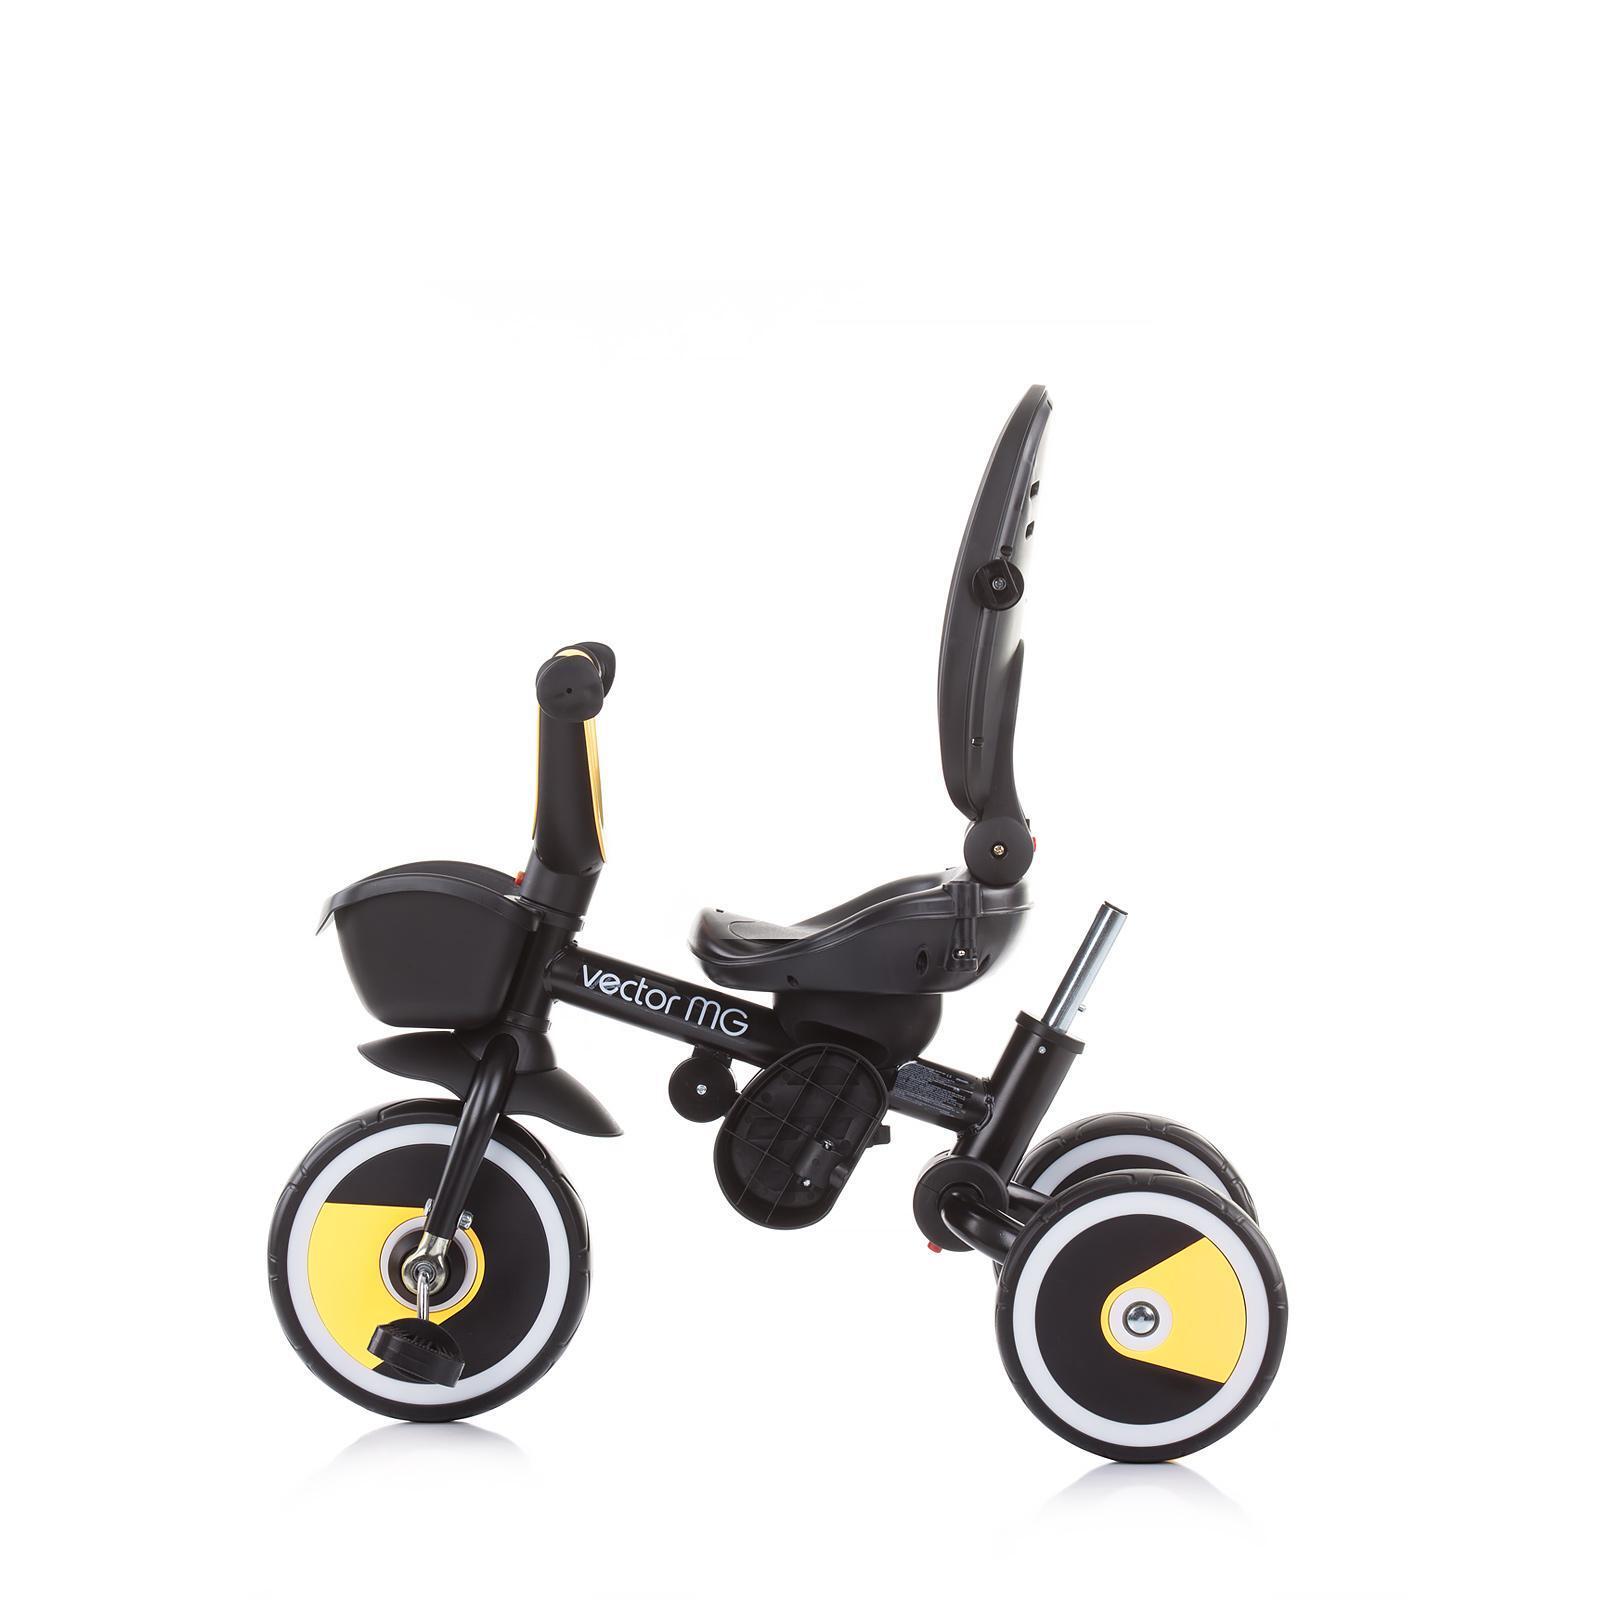 Chipolino Триколка 360 със сенник Вектор MG асфалт